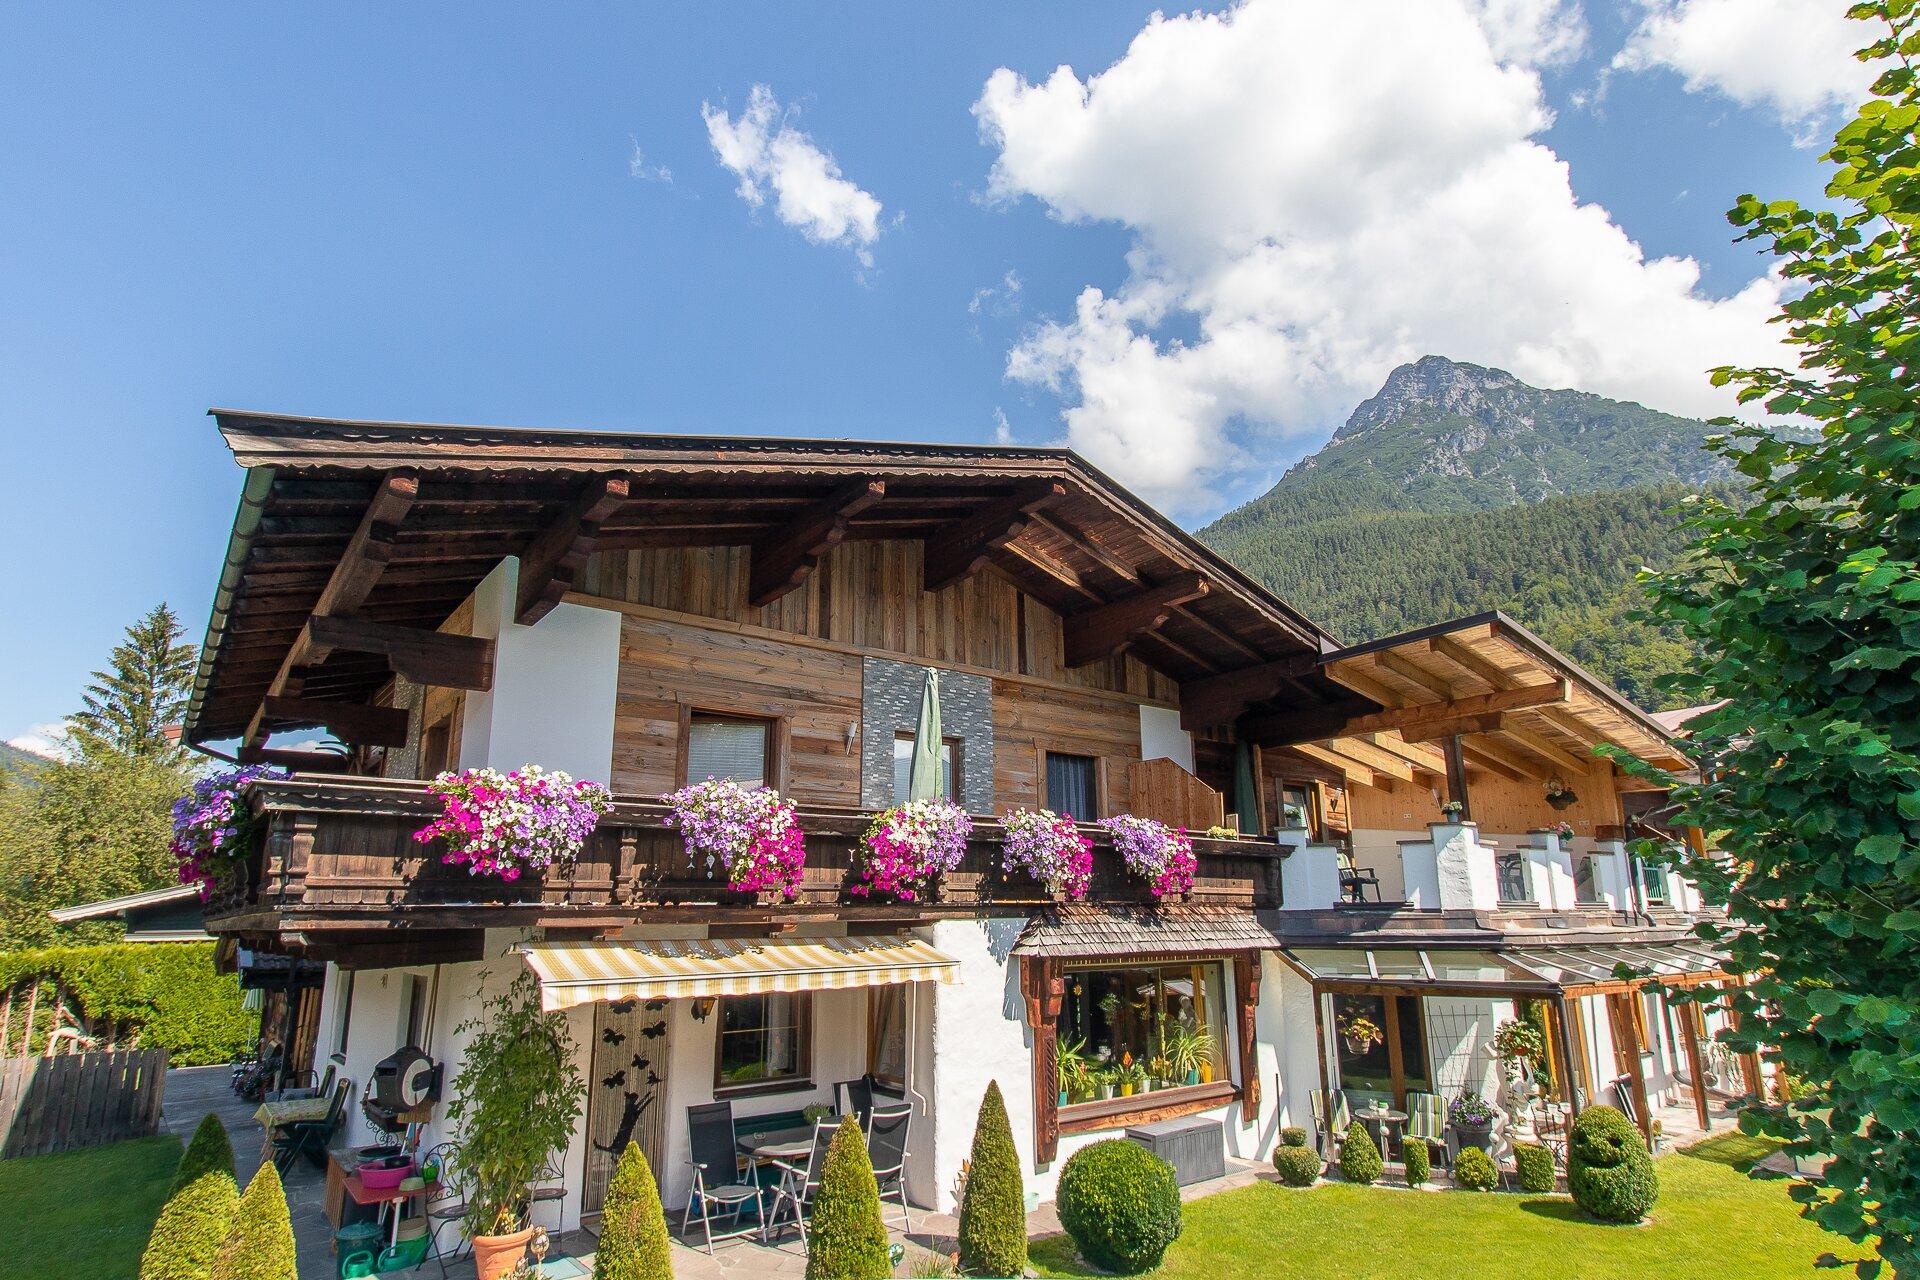 Haus mit schönen Garten